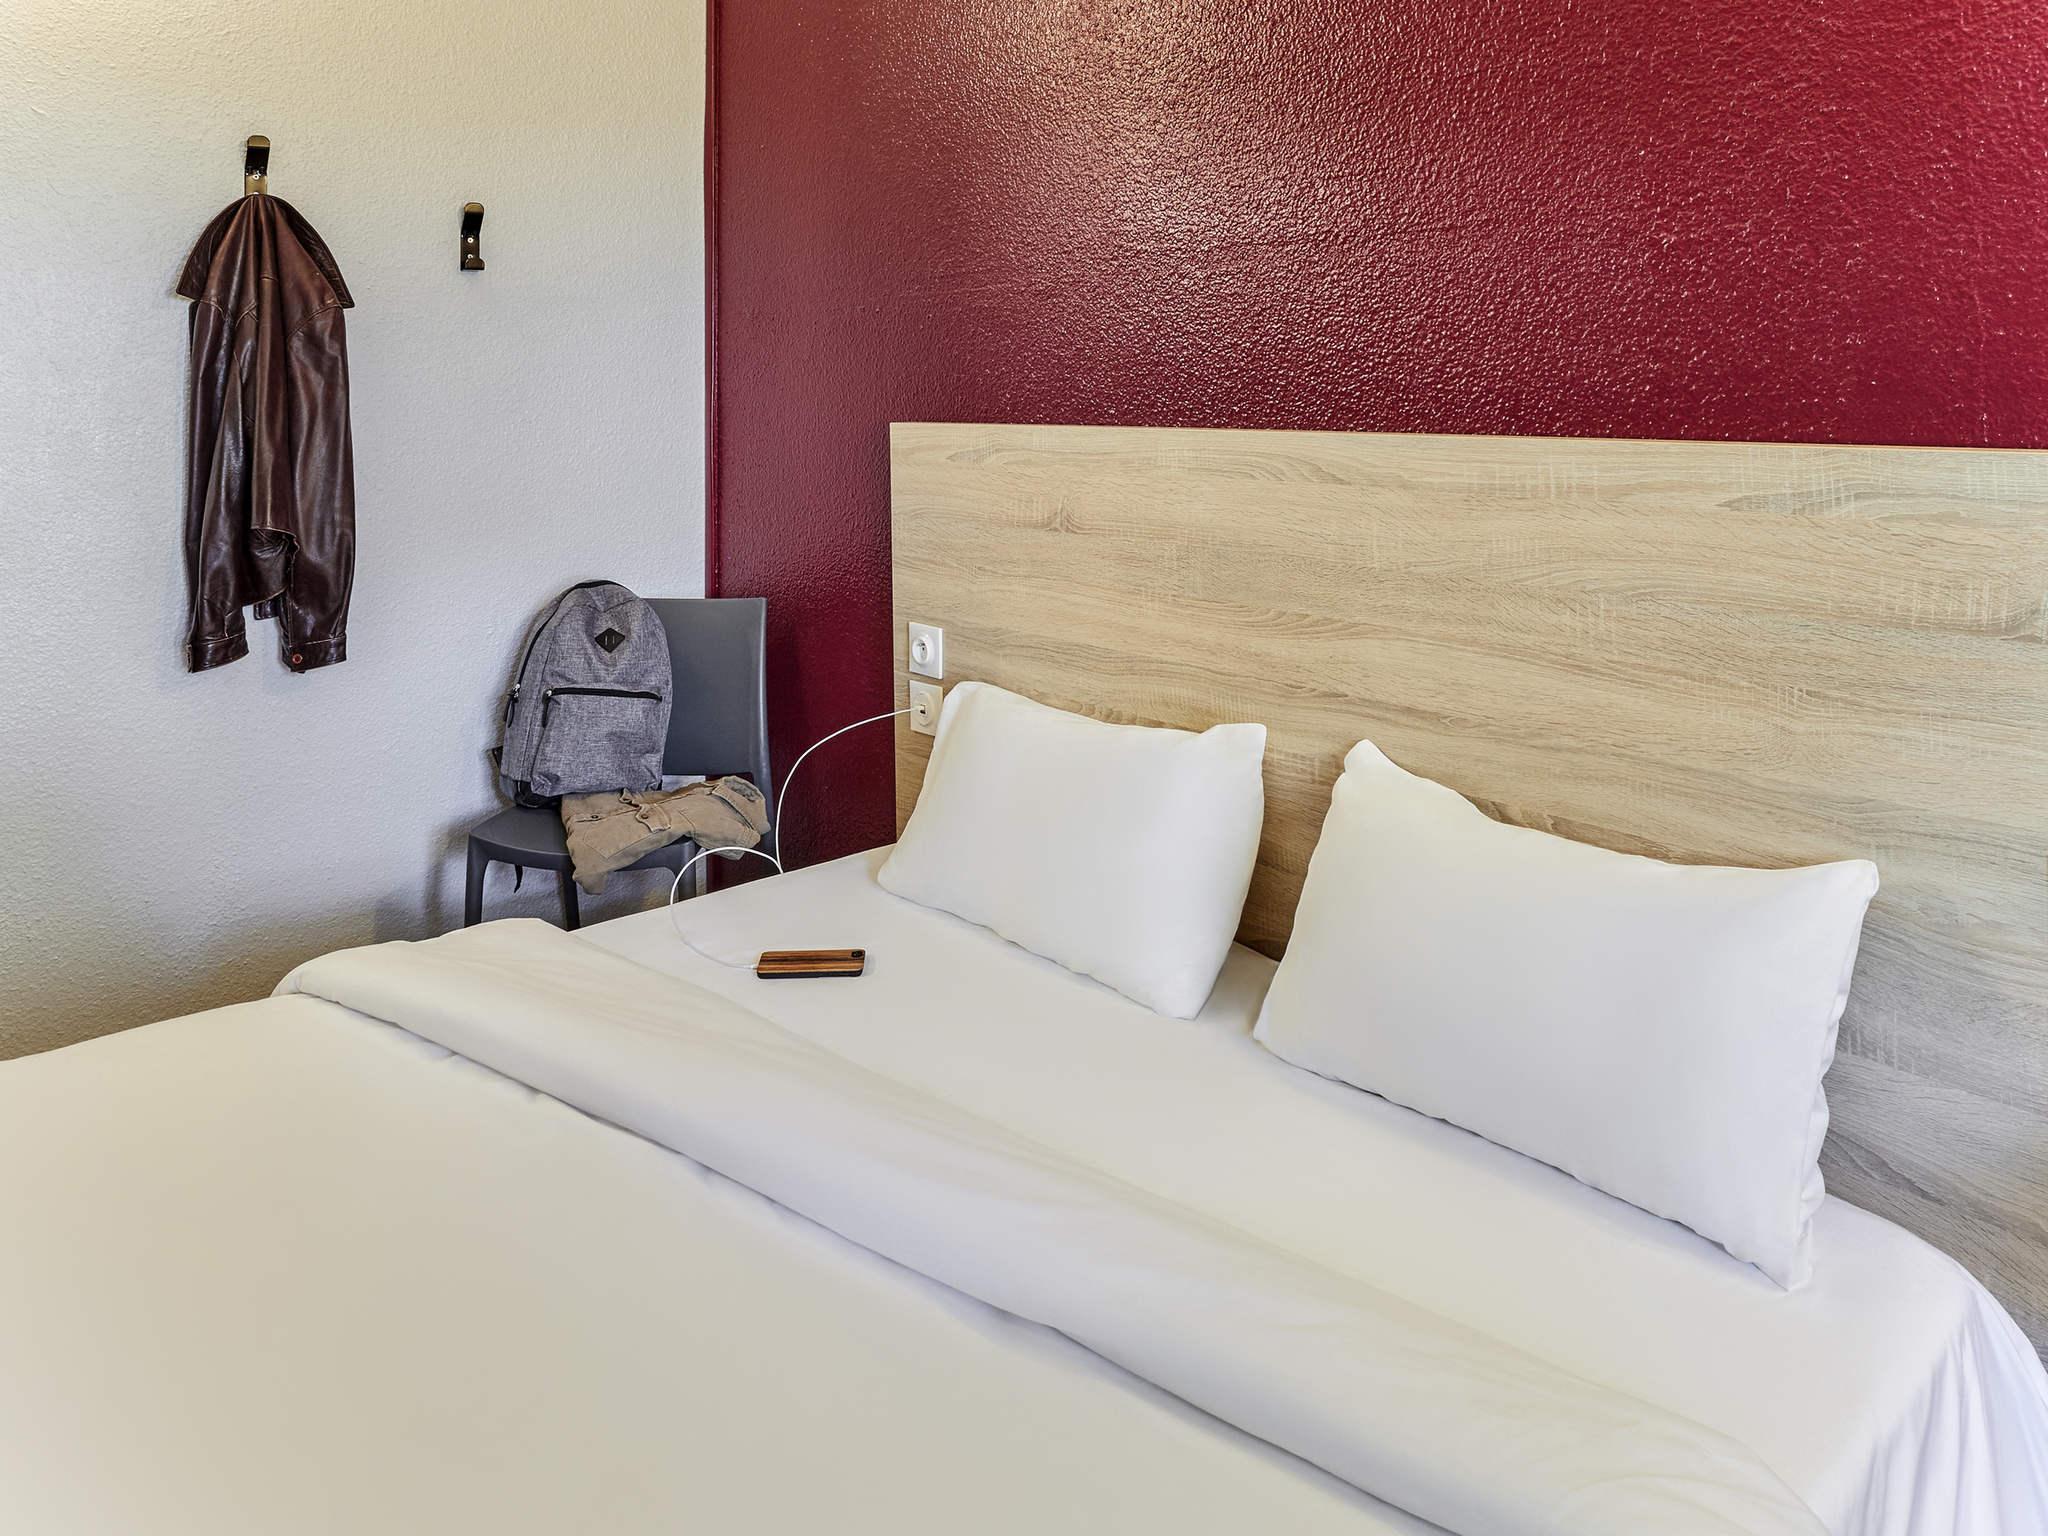 Hotel - hotelF1 Marseille Plan de Campagne N°2